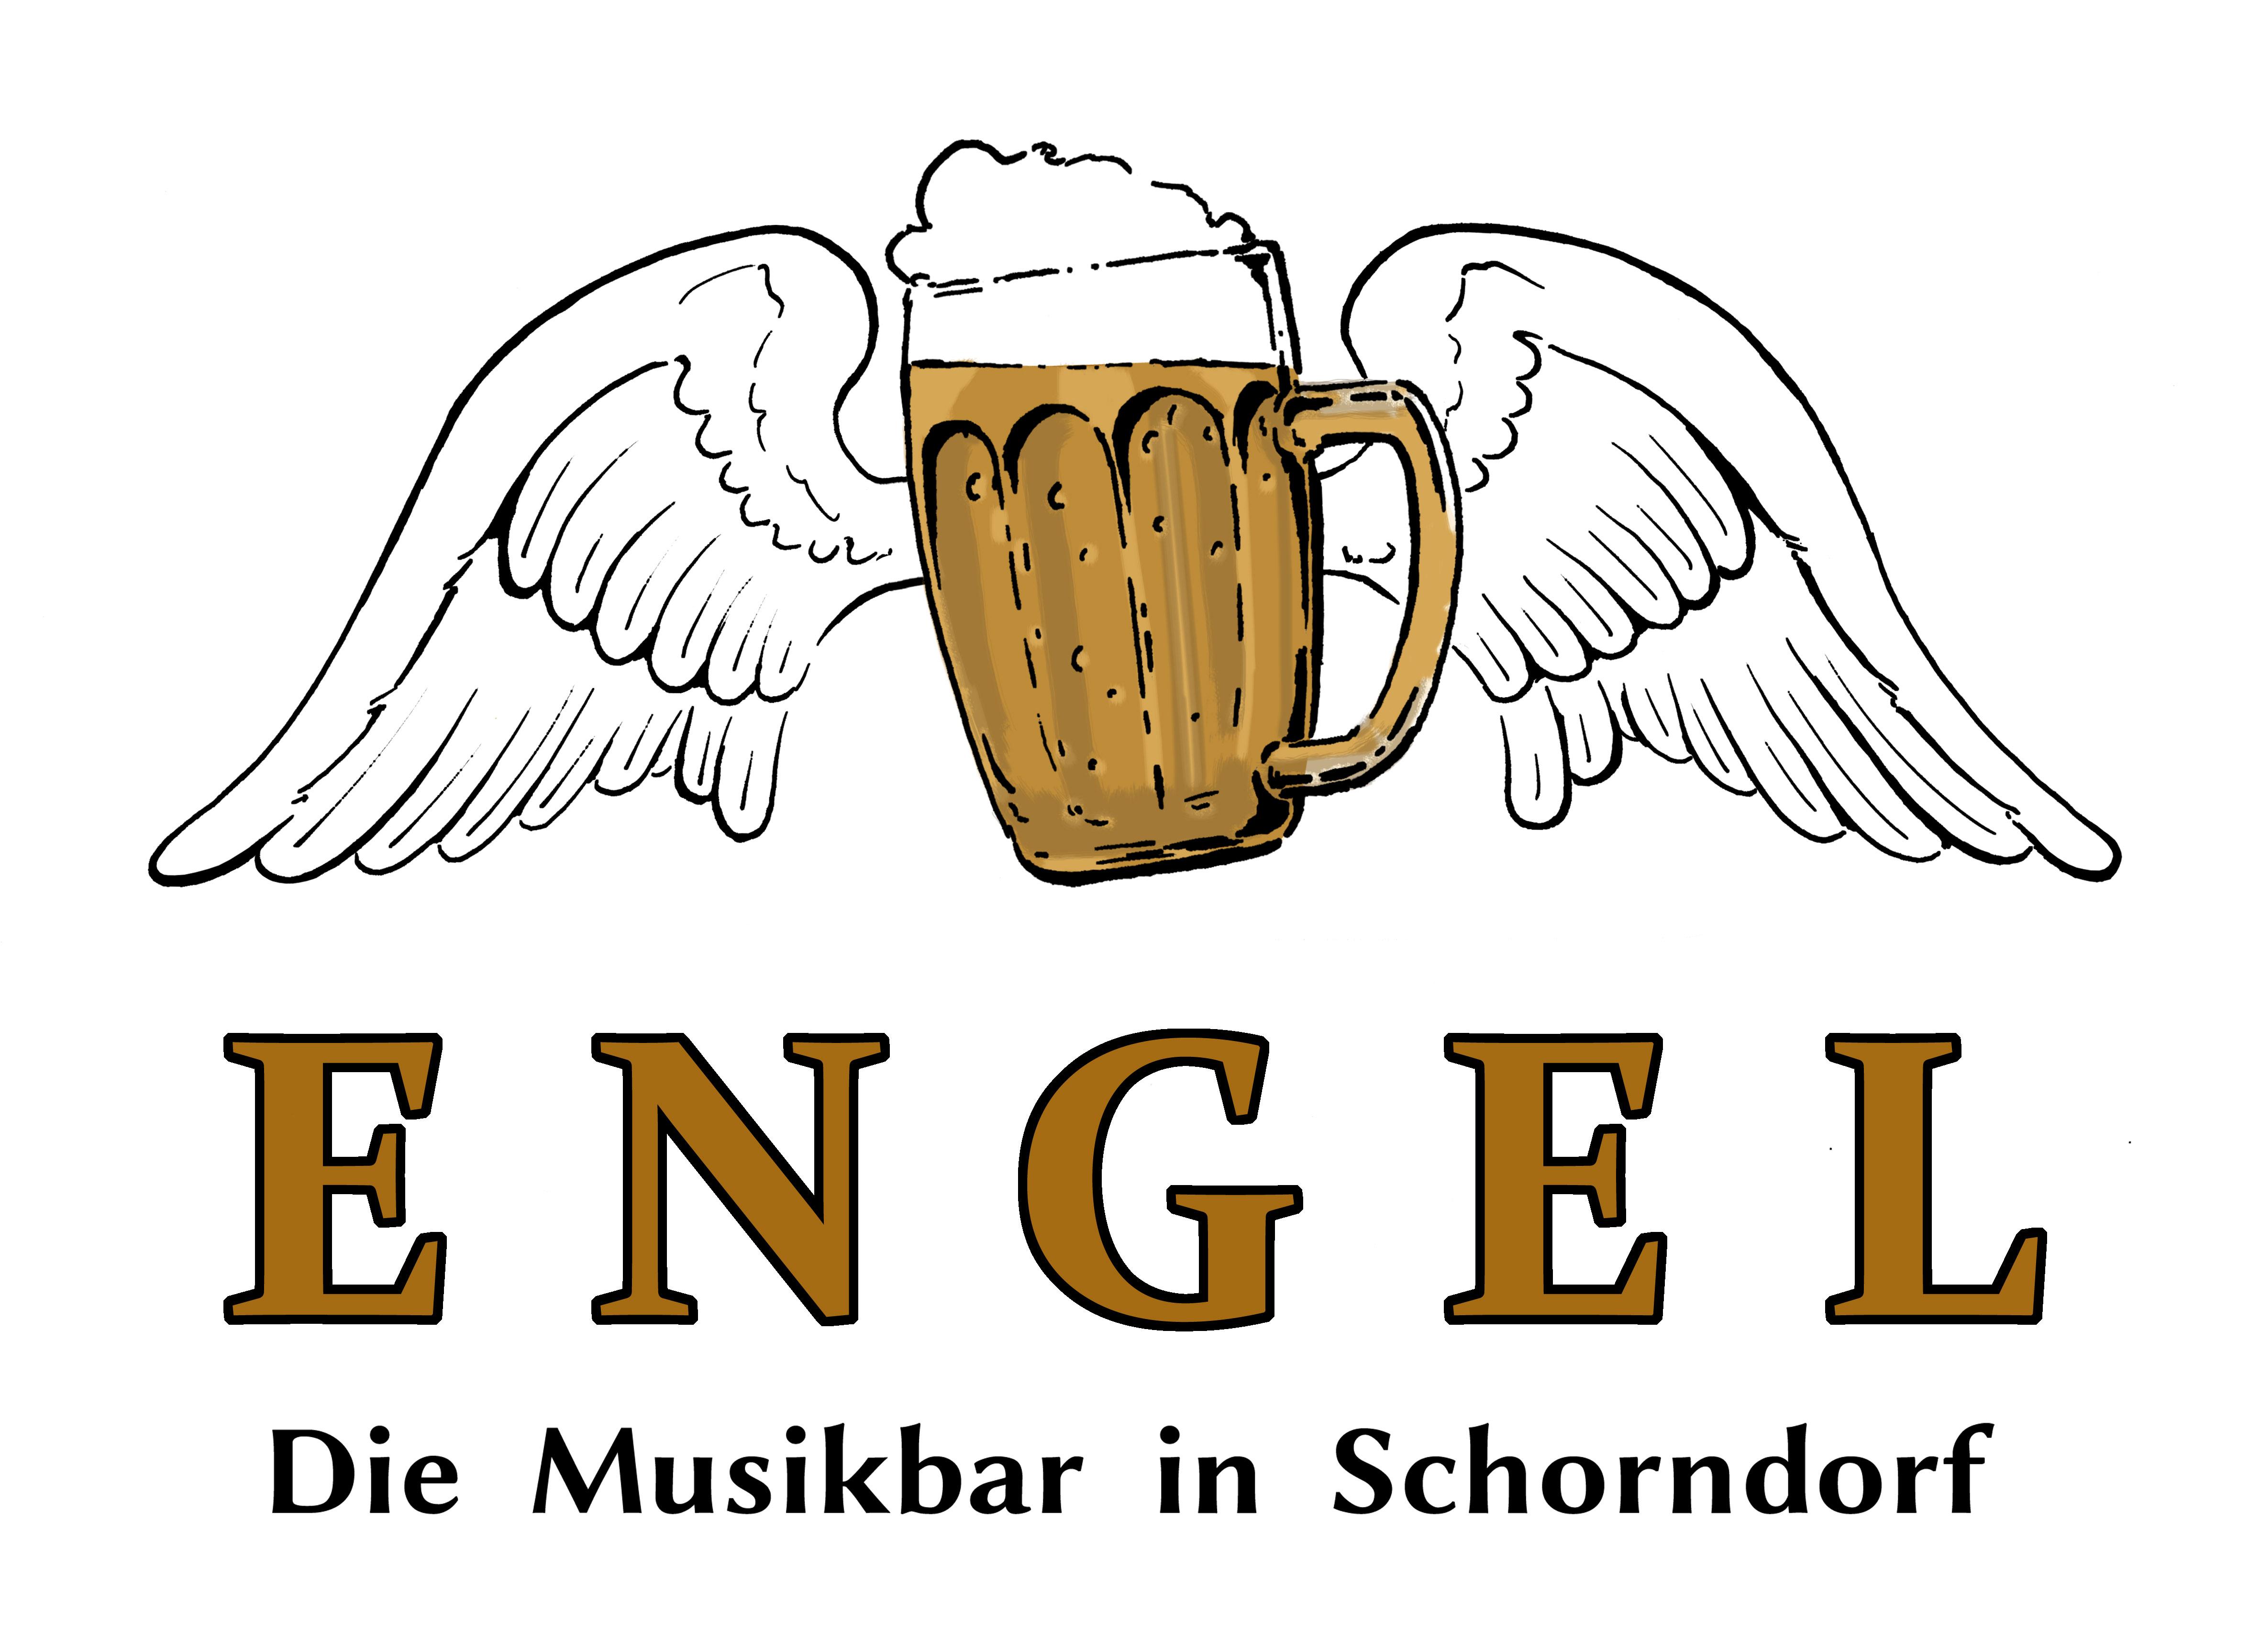 Logo Musikbar Engel